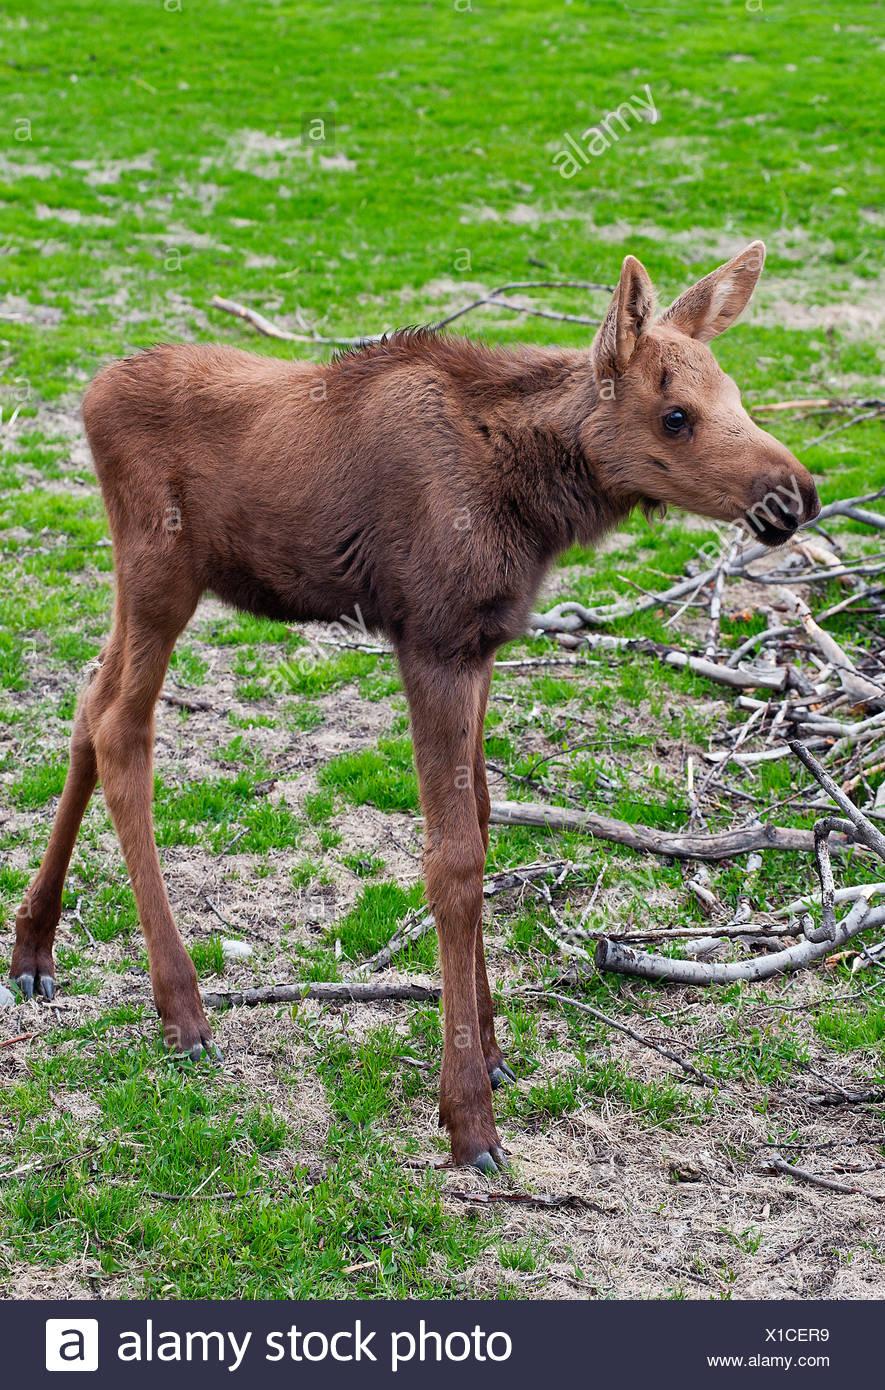 Young moose, Alaska, USA - Stock Image